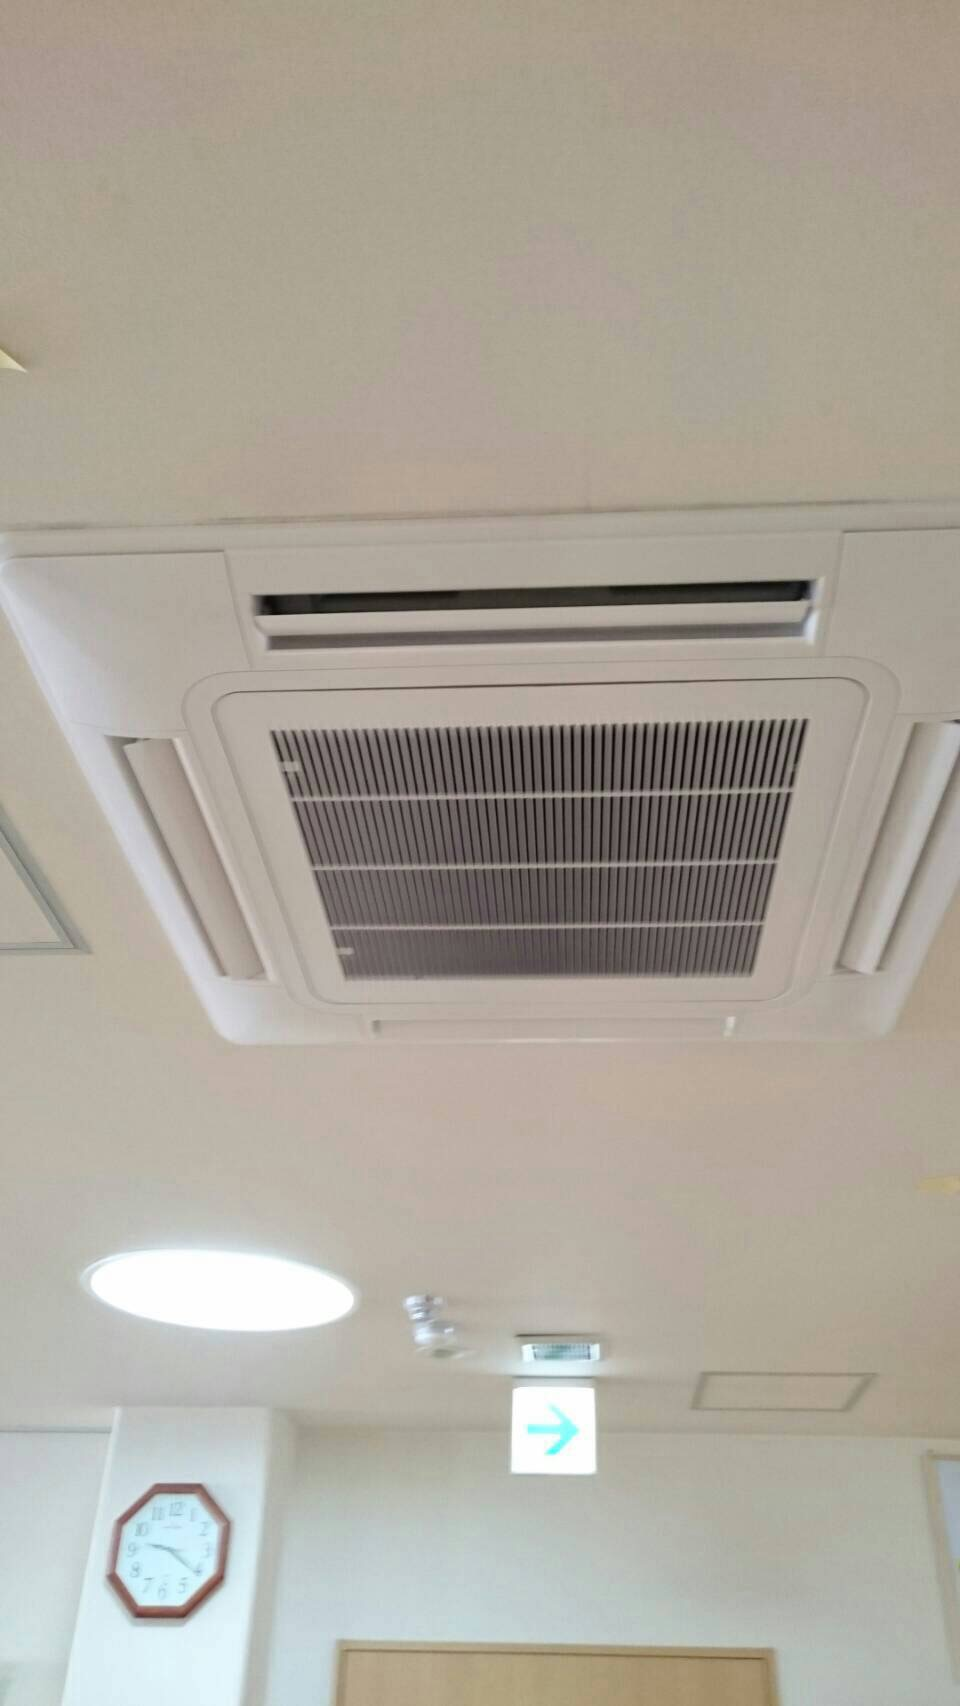 三菱電機 業務用エアコン修理 部品供給不可の為、リニューアル工事 施工日2016年8月22日